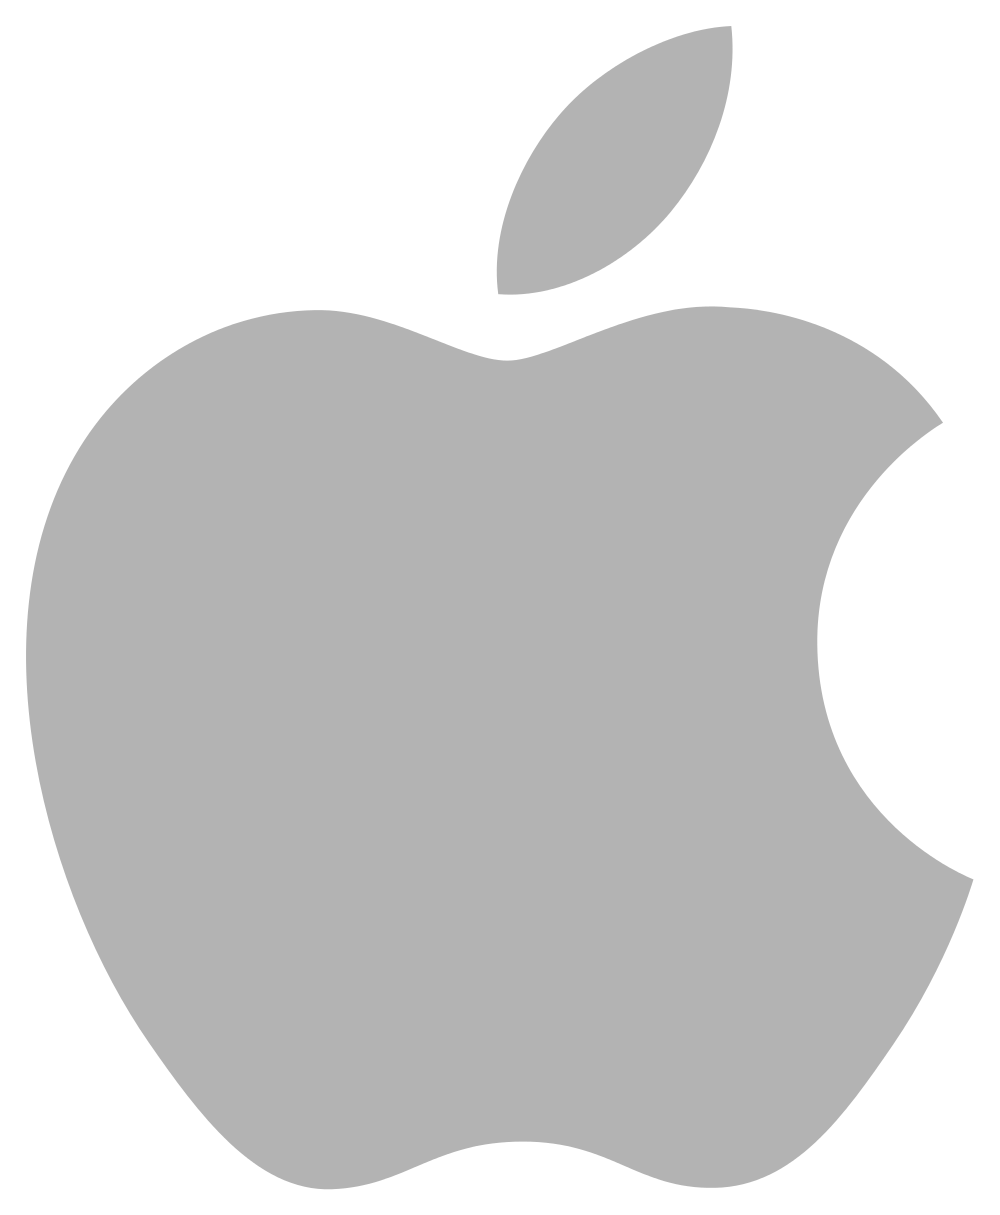 logo thuong hieu apple (2)